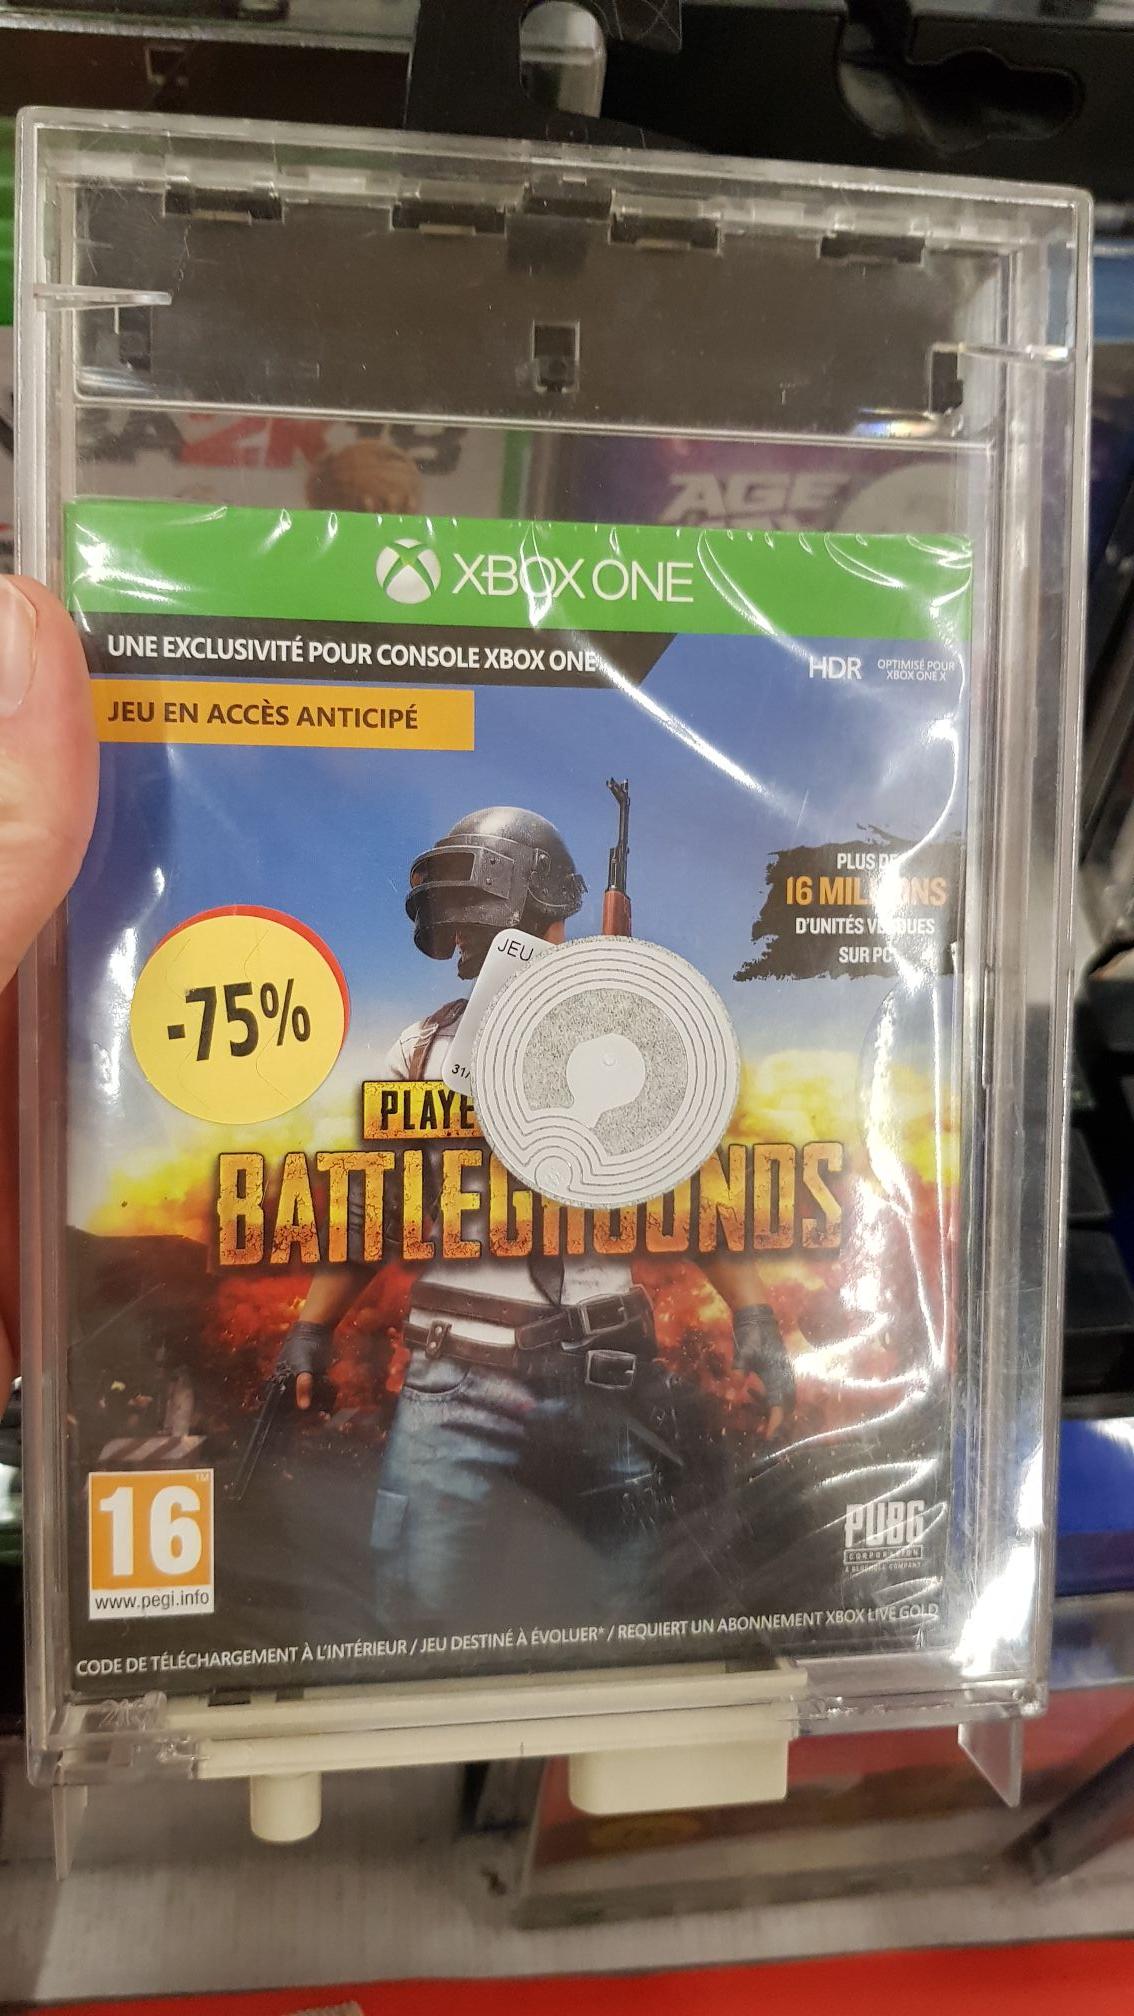 Sélection de jeux PS4 et Xbox One en promotion - Ex: Jeu PUBG sur Xbox One - Moulins-lès-Metz (57)